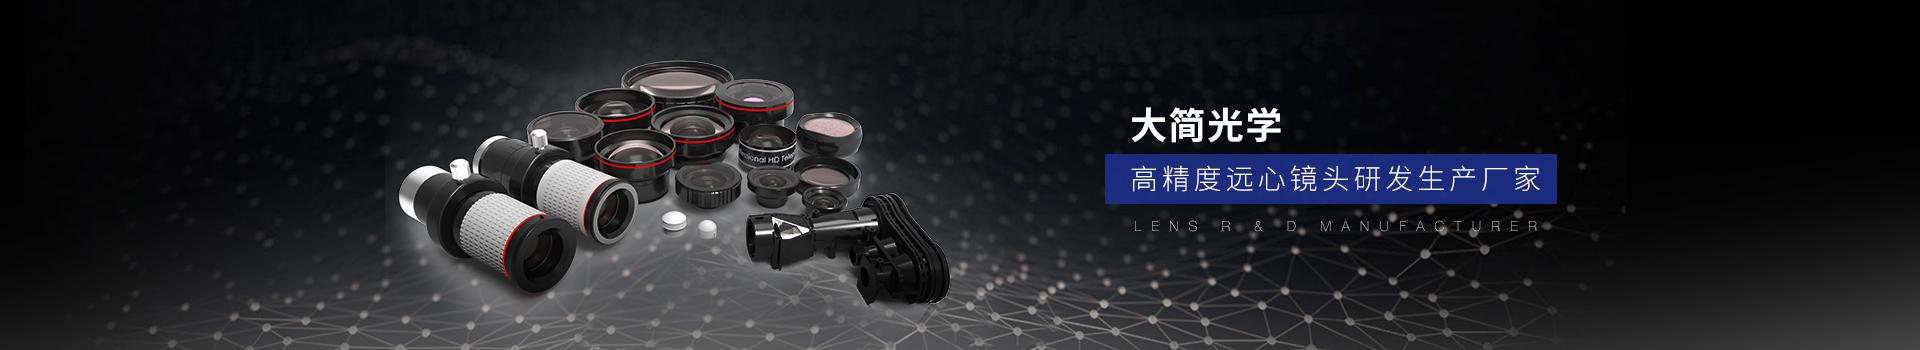 大简光学-高精度远心镜头研发生产厂家